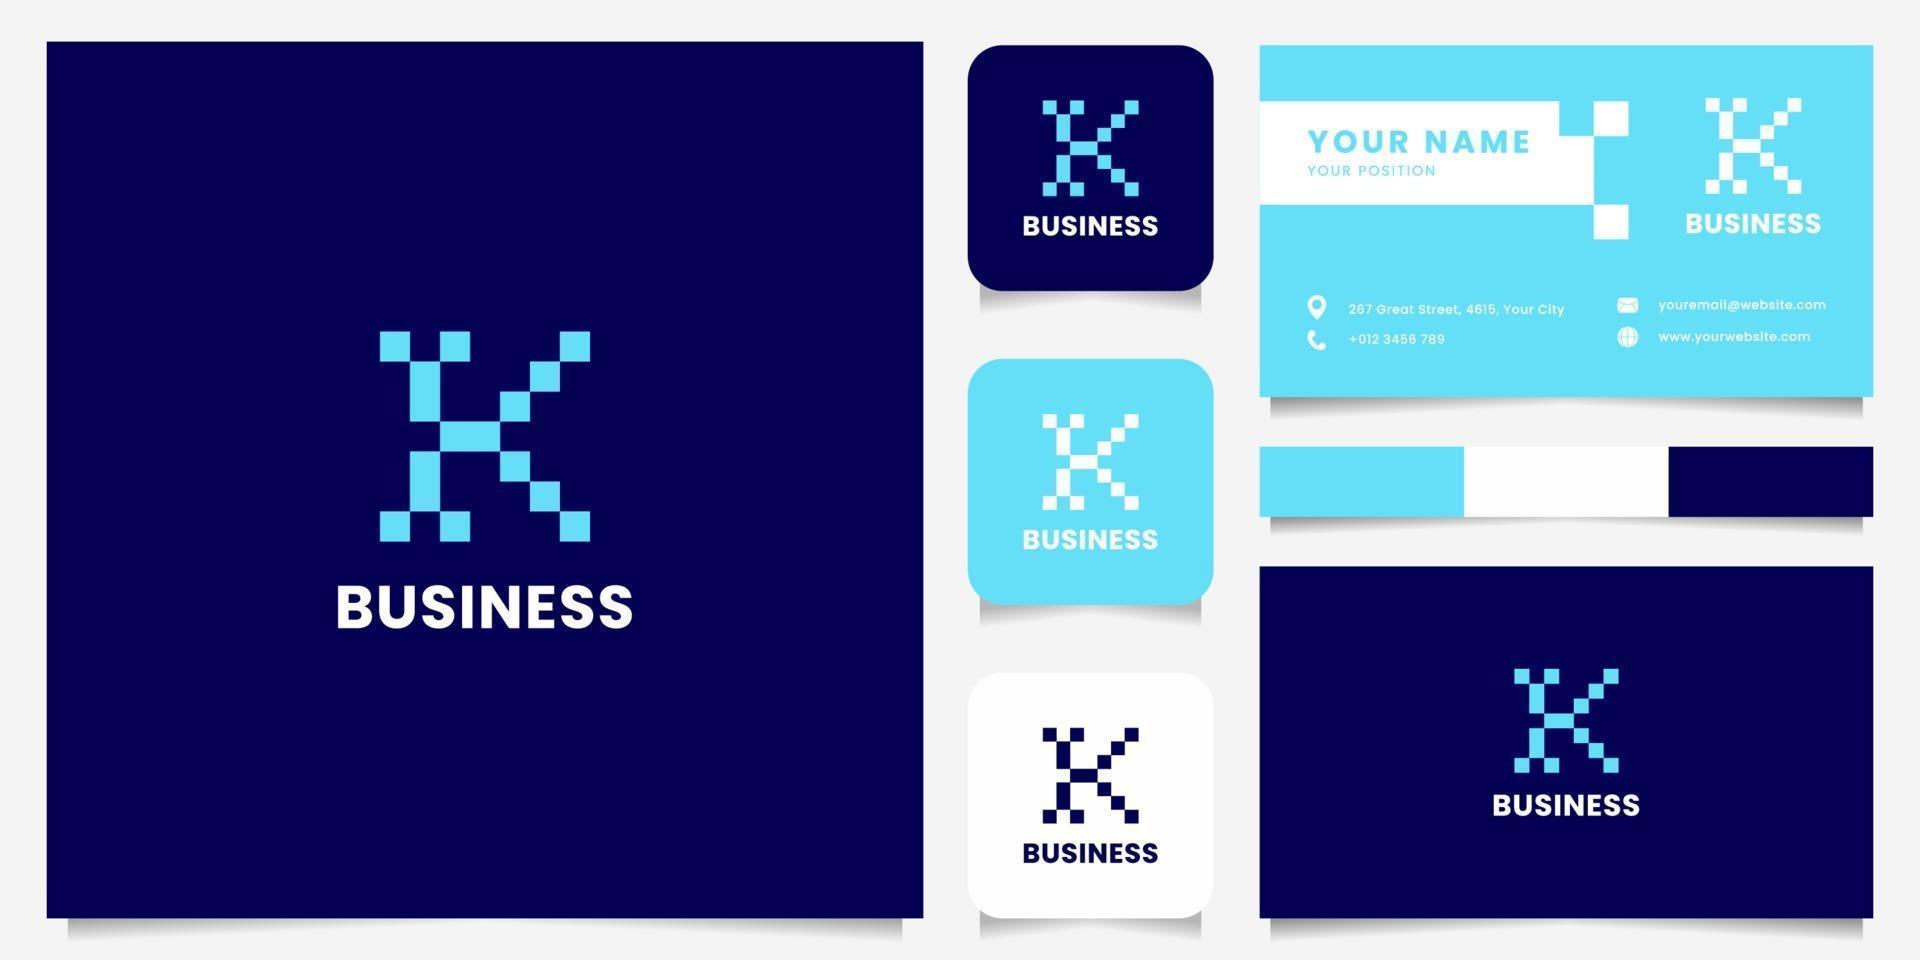 eenvoudig en minimalistisch blauw pixel letter k-logo met sjabloon voor visitekaartjes vector